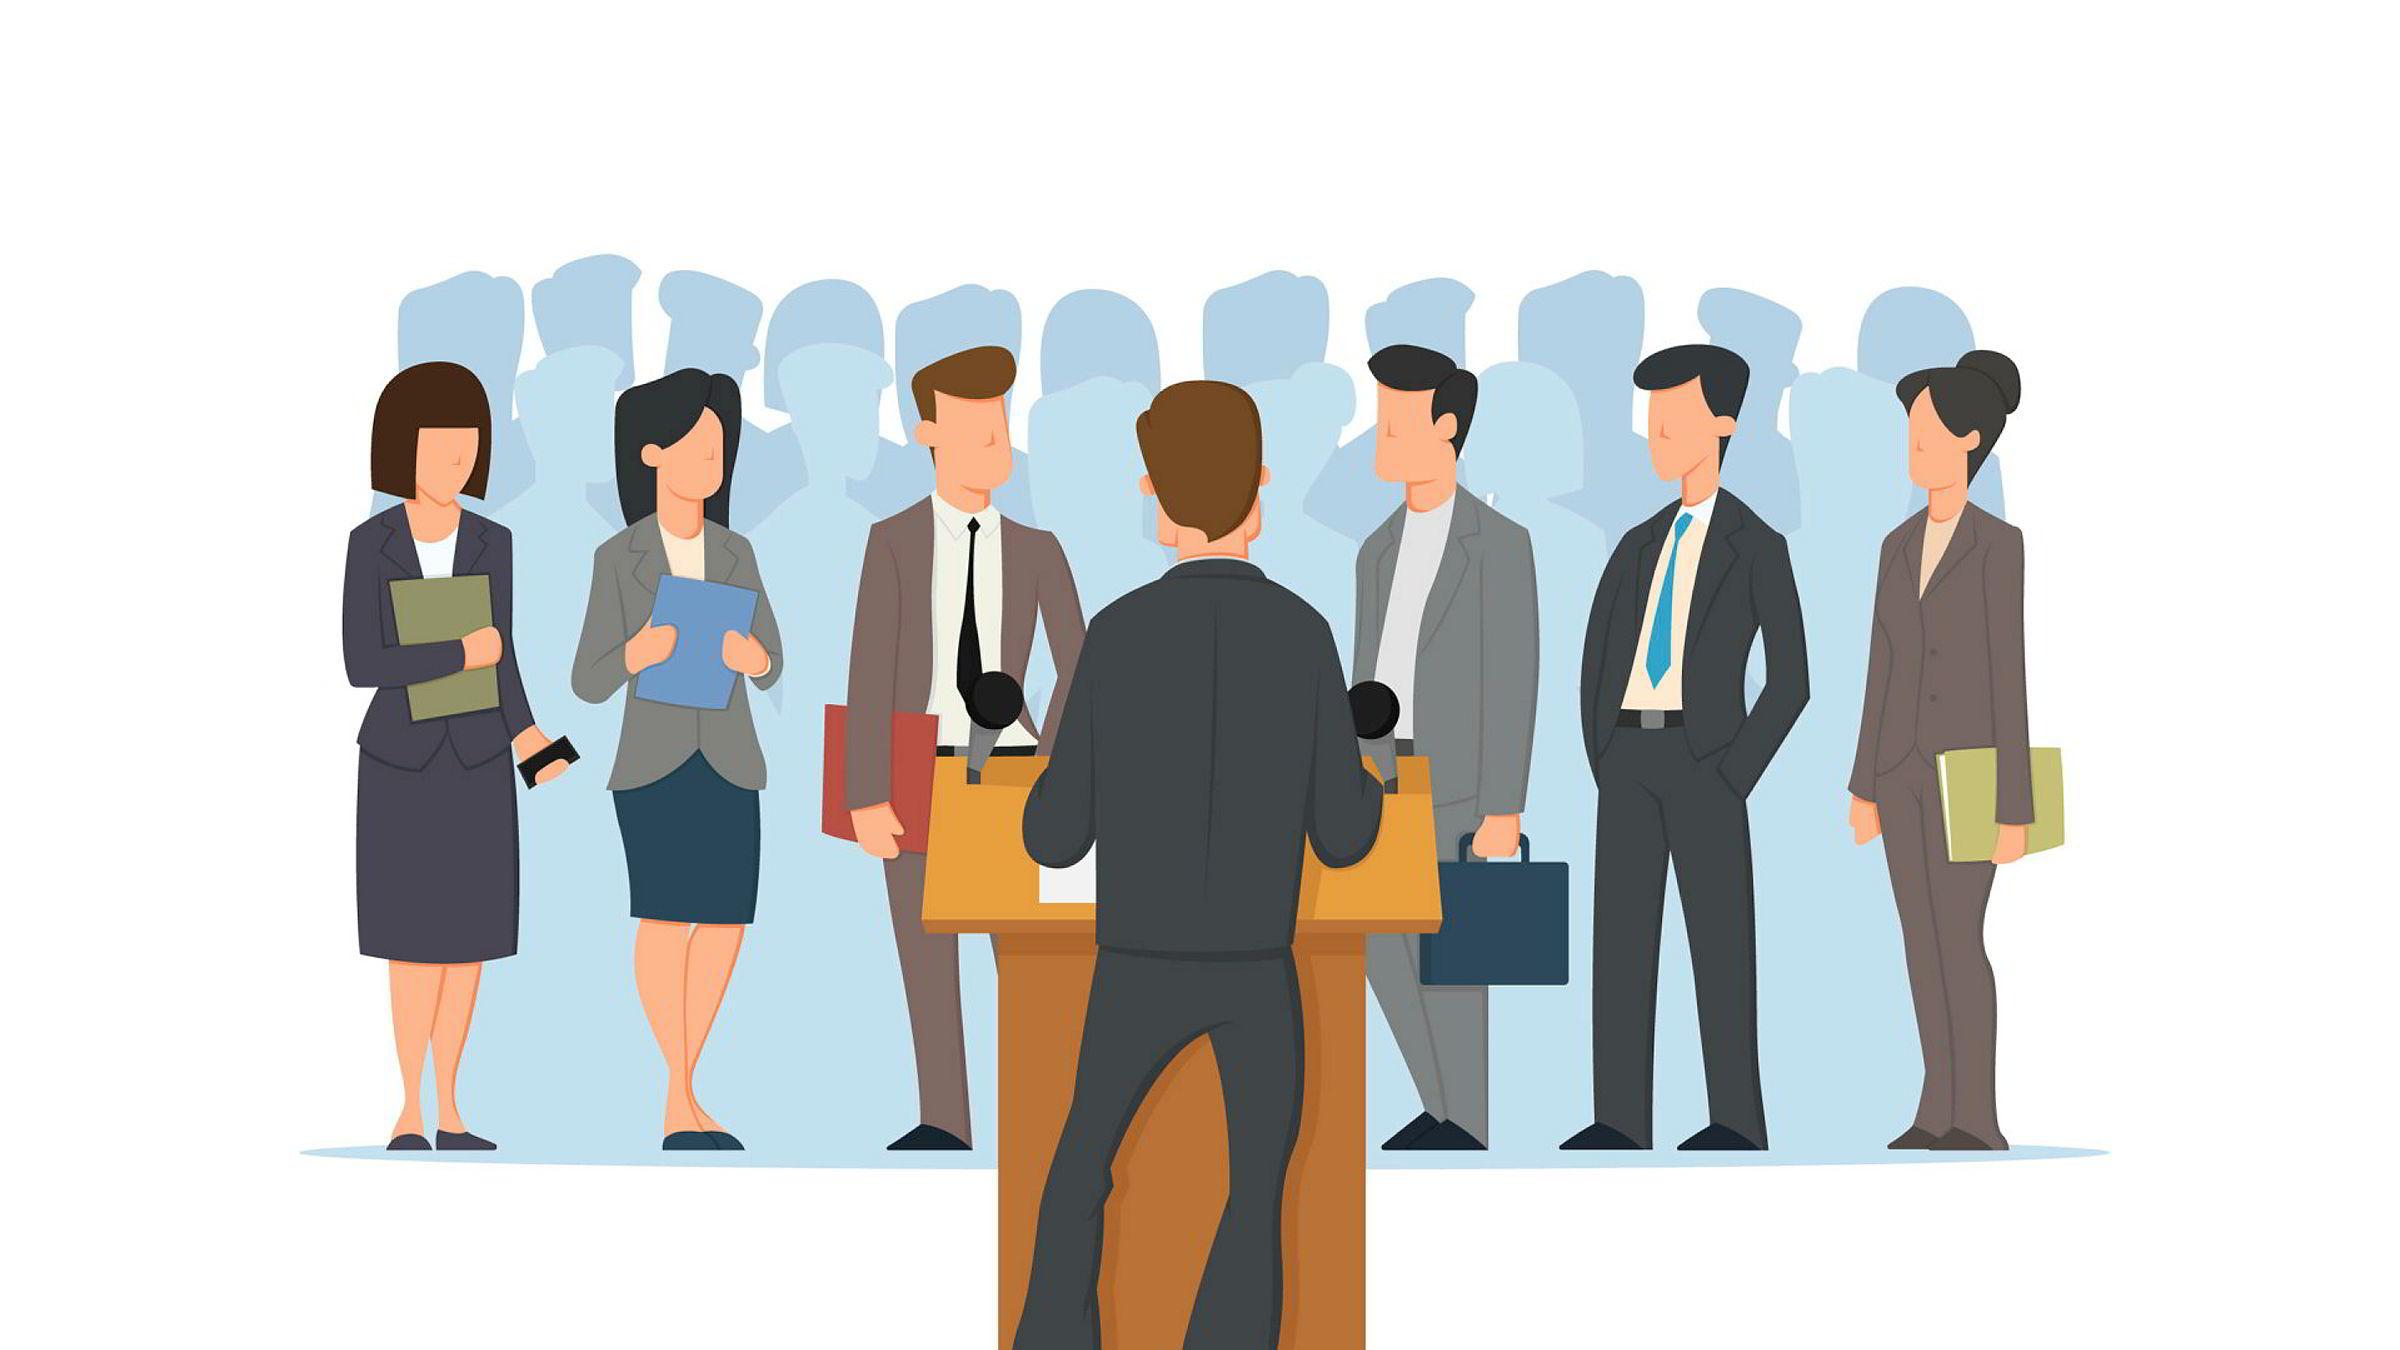 Ledere kan ofte pakke inn det de driver med, det organisasjoner gjør og det de leverer i meningsløse fraser.